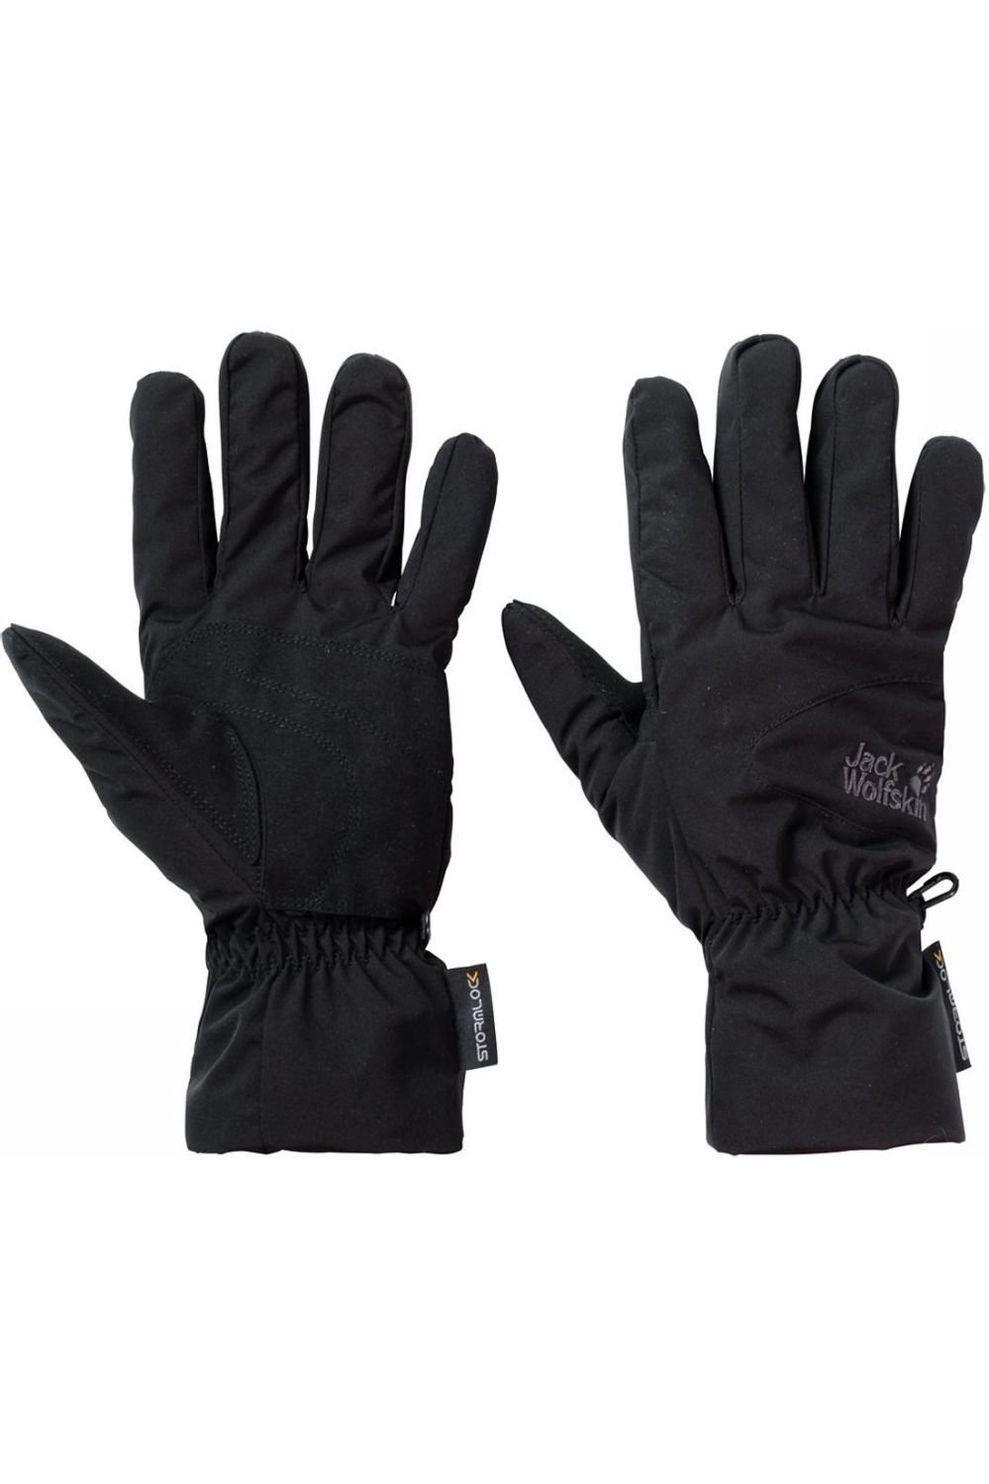 Jack Wolfskin Handschoen Stormlock Highloft voor heren Zwart Maten: M, L, XL